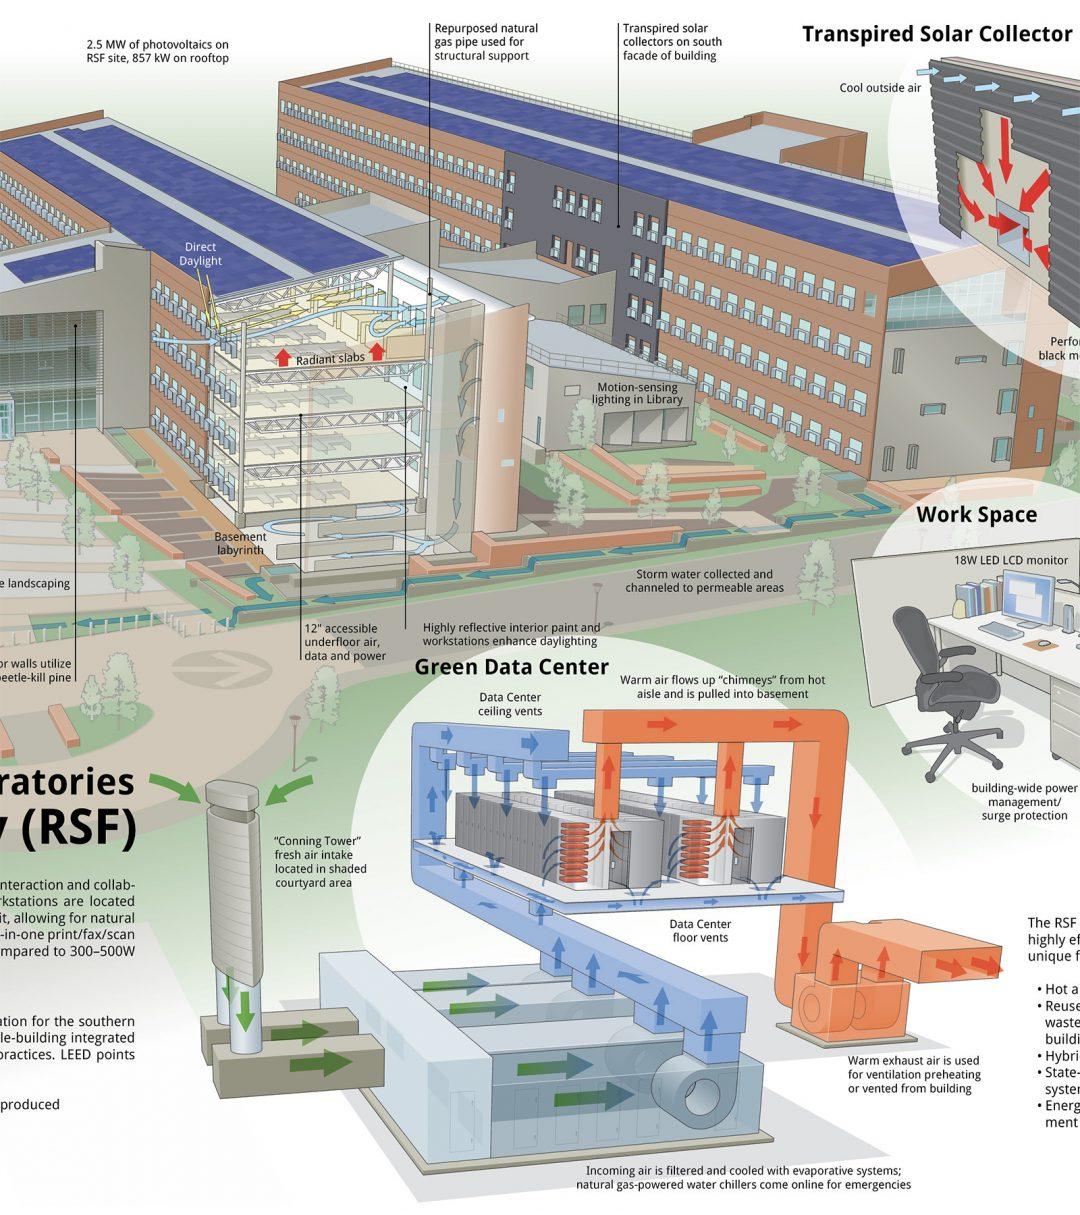 NREL RSF Building